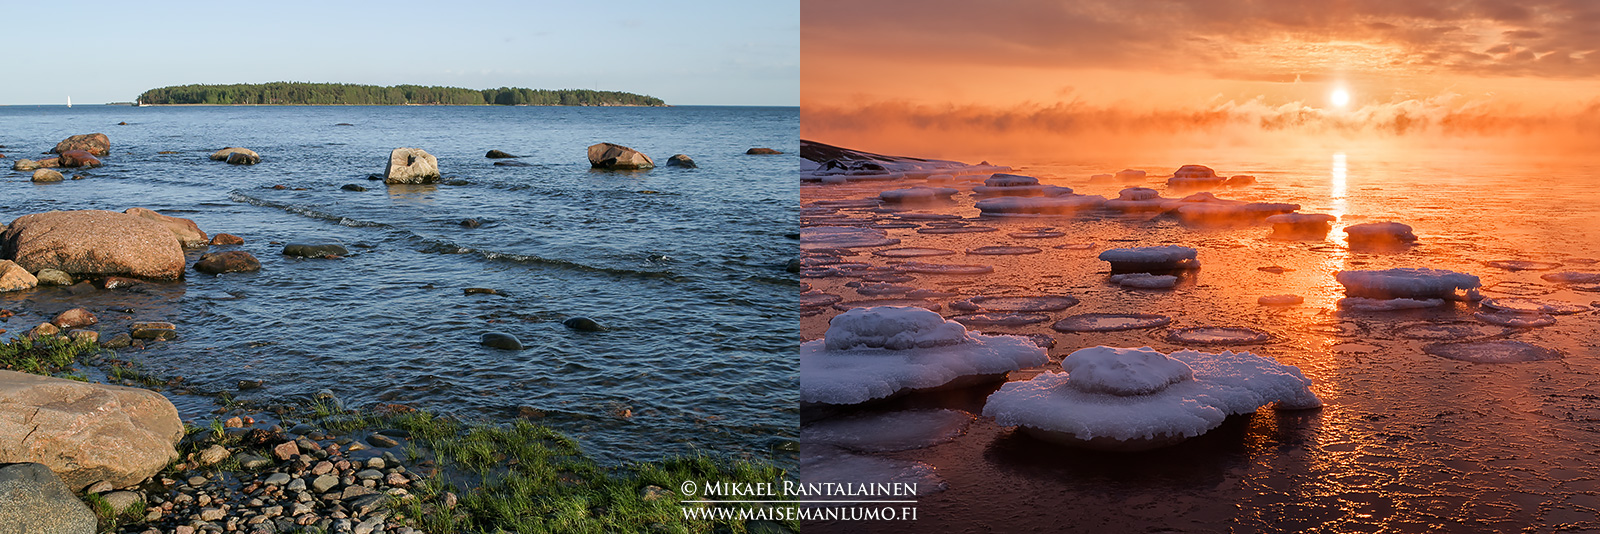 Kesäinen vs. talvinen maisema Lauttasaaressa